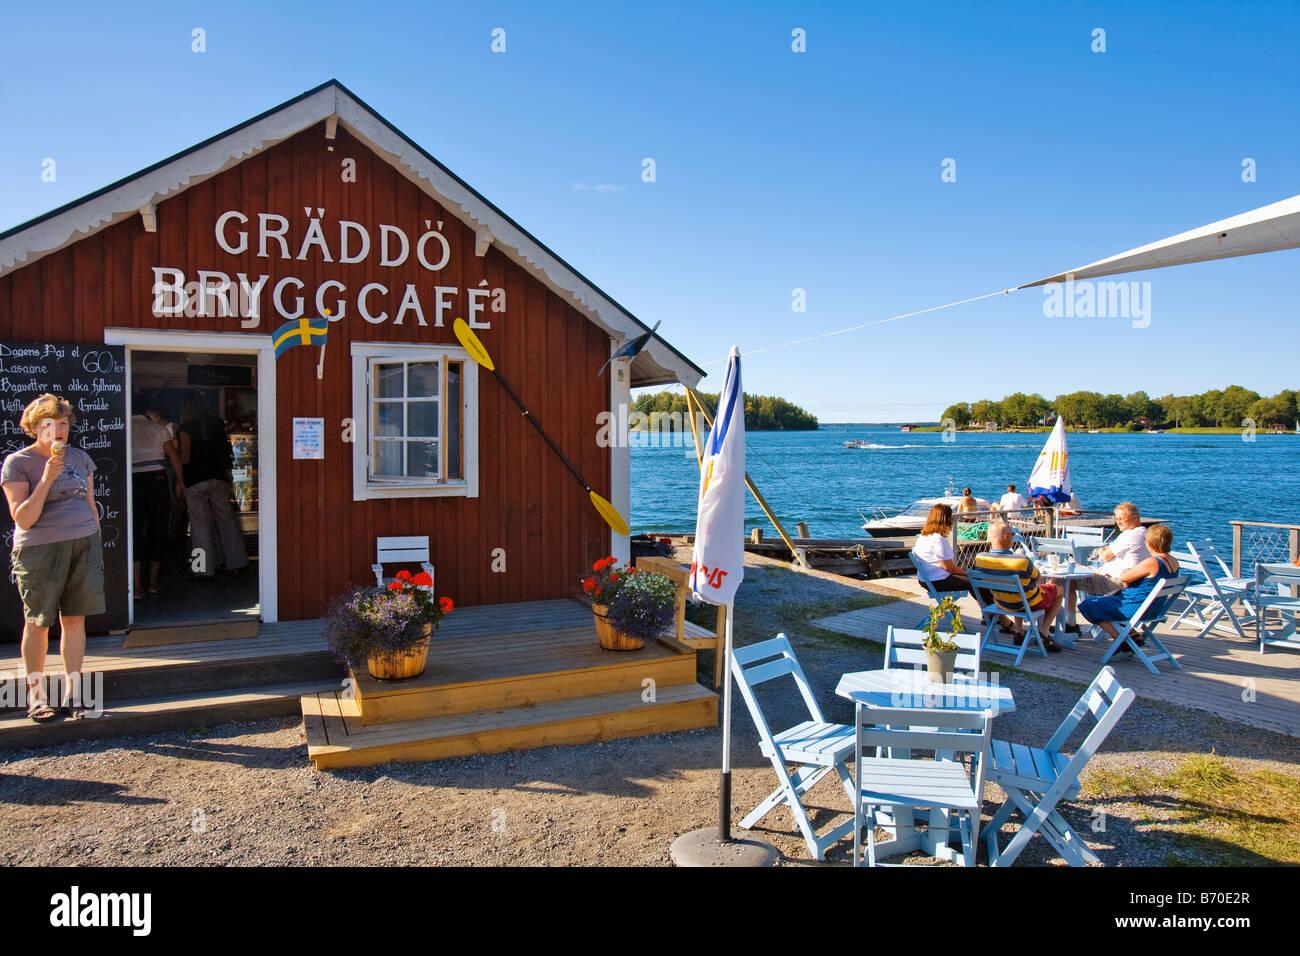 SWEDEN STOCKHOLM STOCKHOLM ARCHIPELAGO GRÄDDÖ JETTY CAFÉ - Stock Image